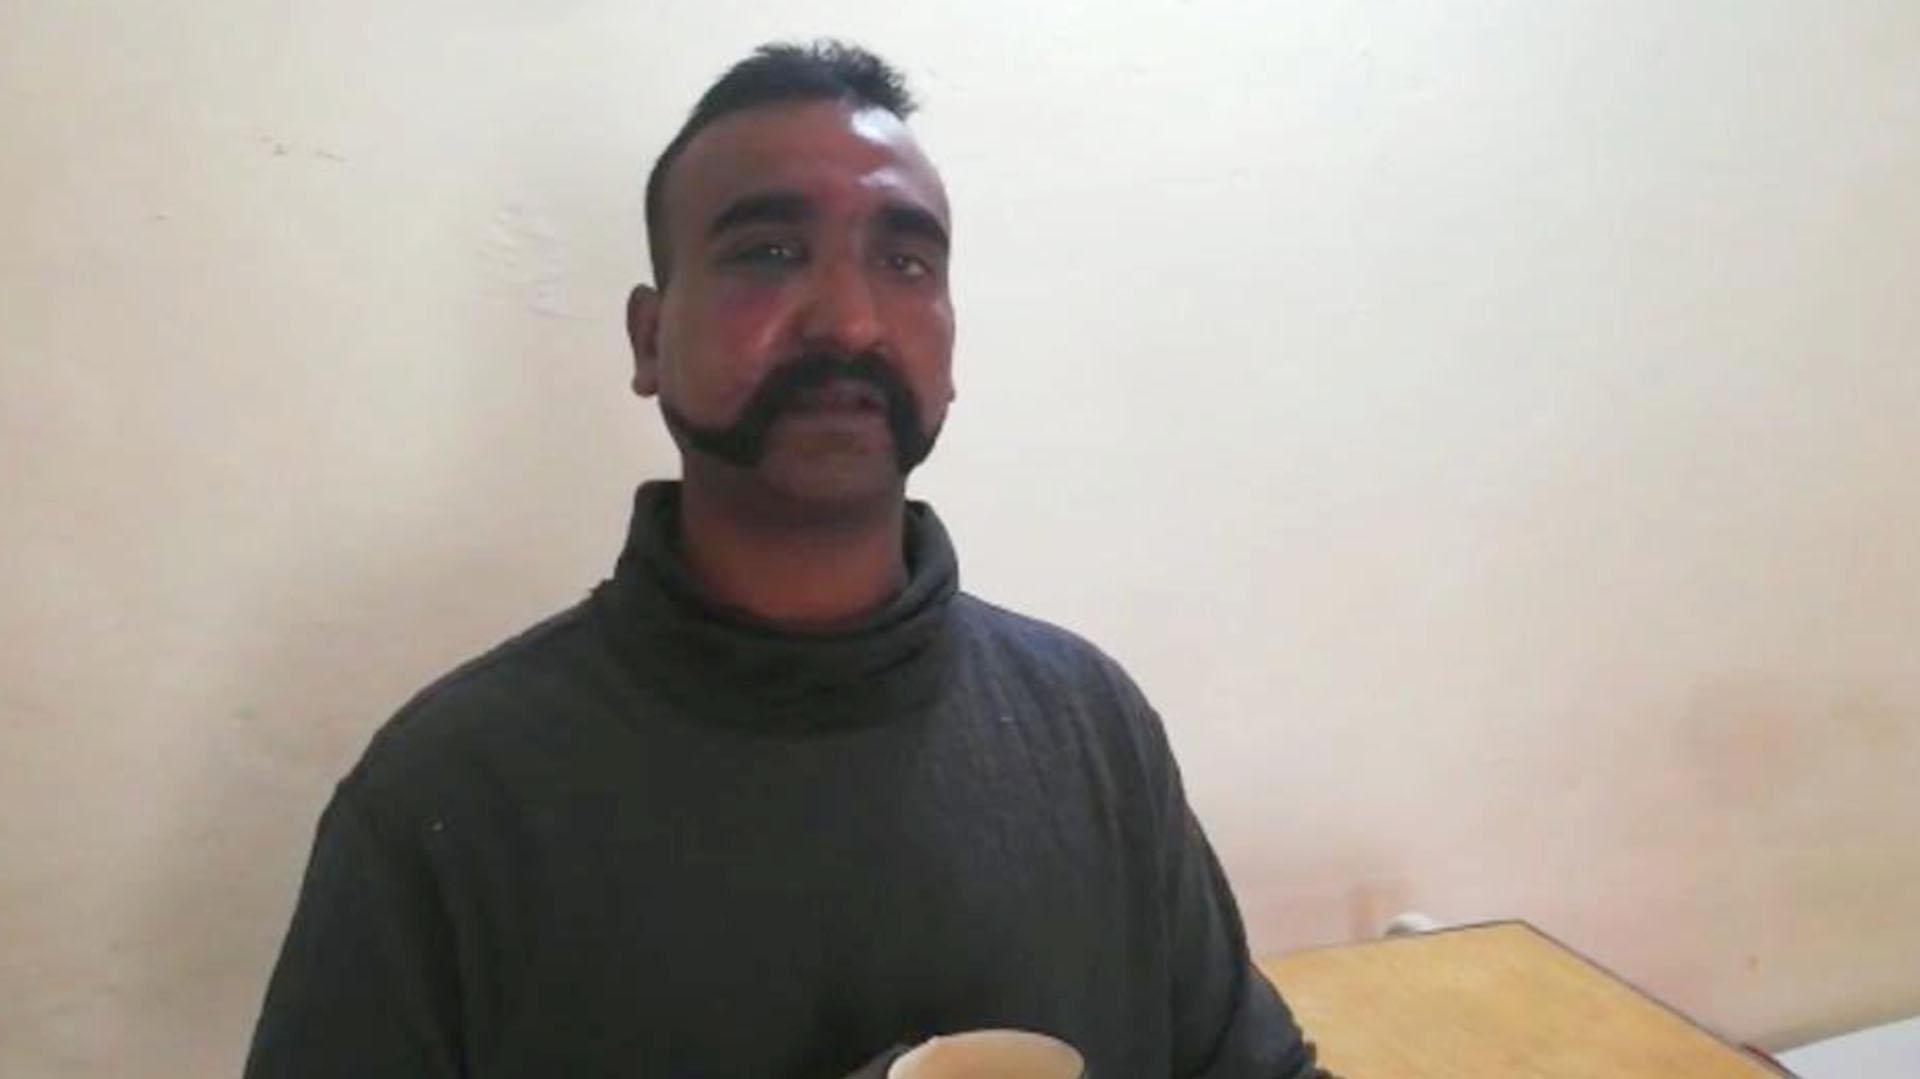 El piloto indio capturado por Pakistán y luego liberado. (@OfficialDGISPR)